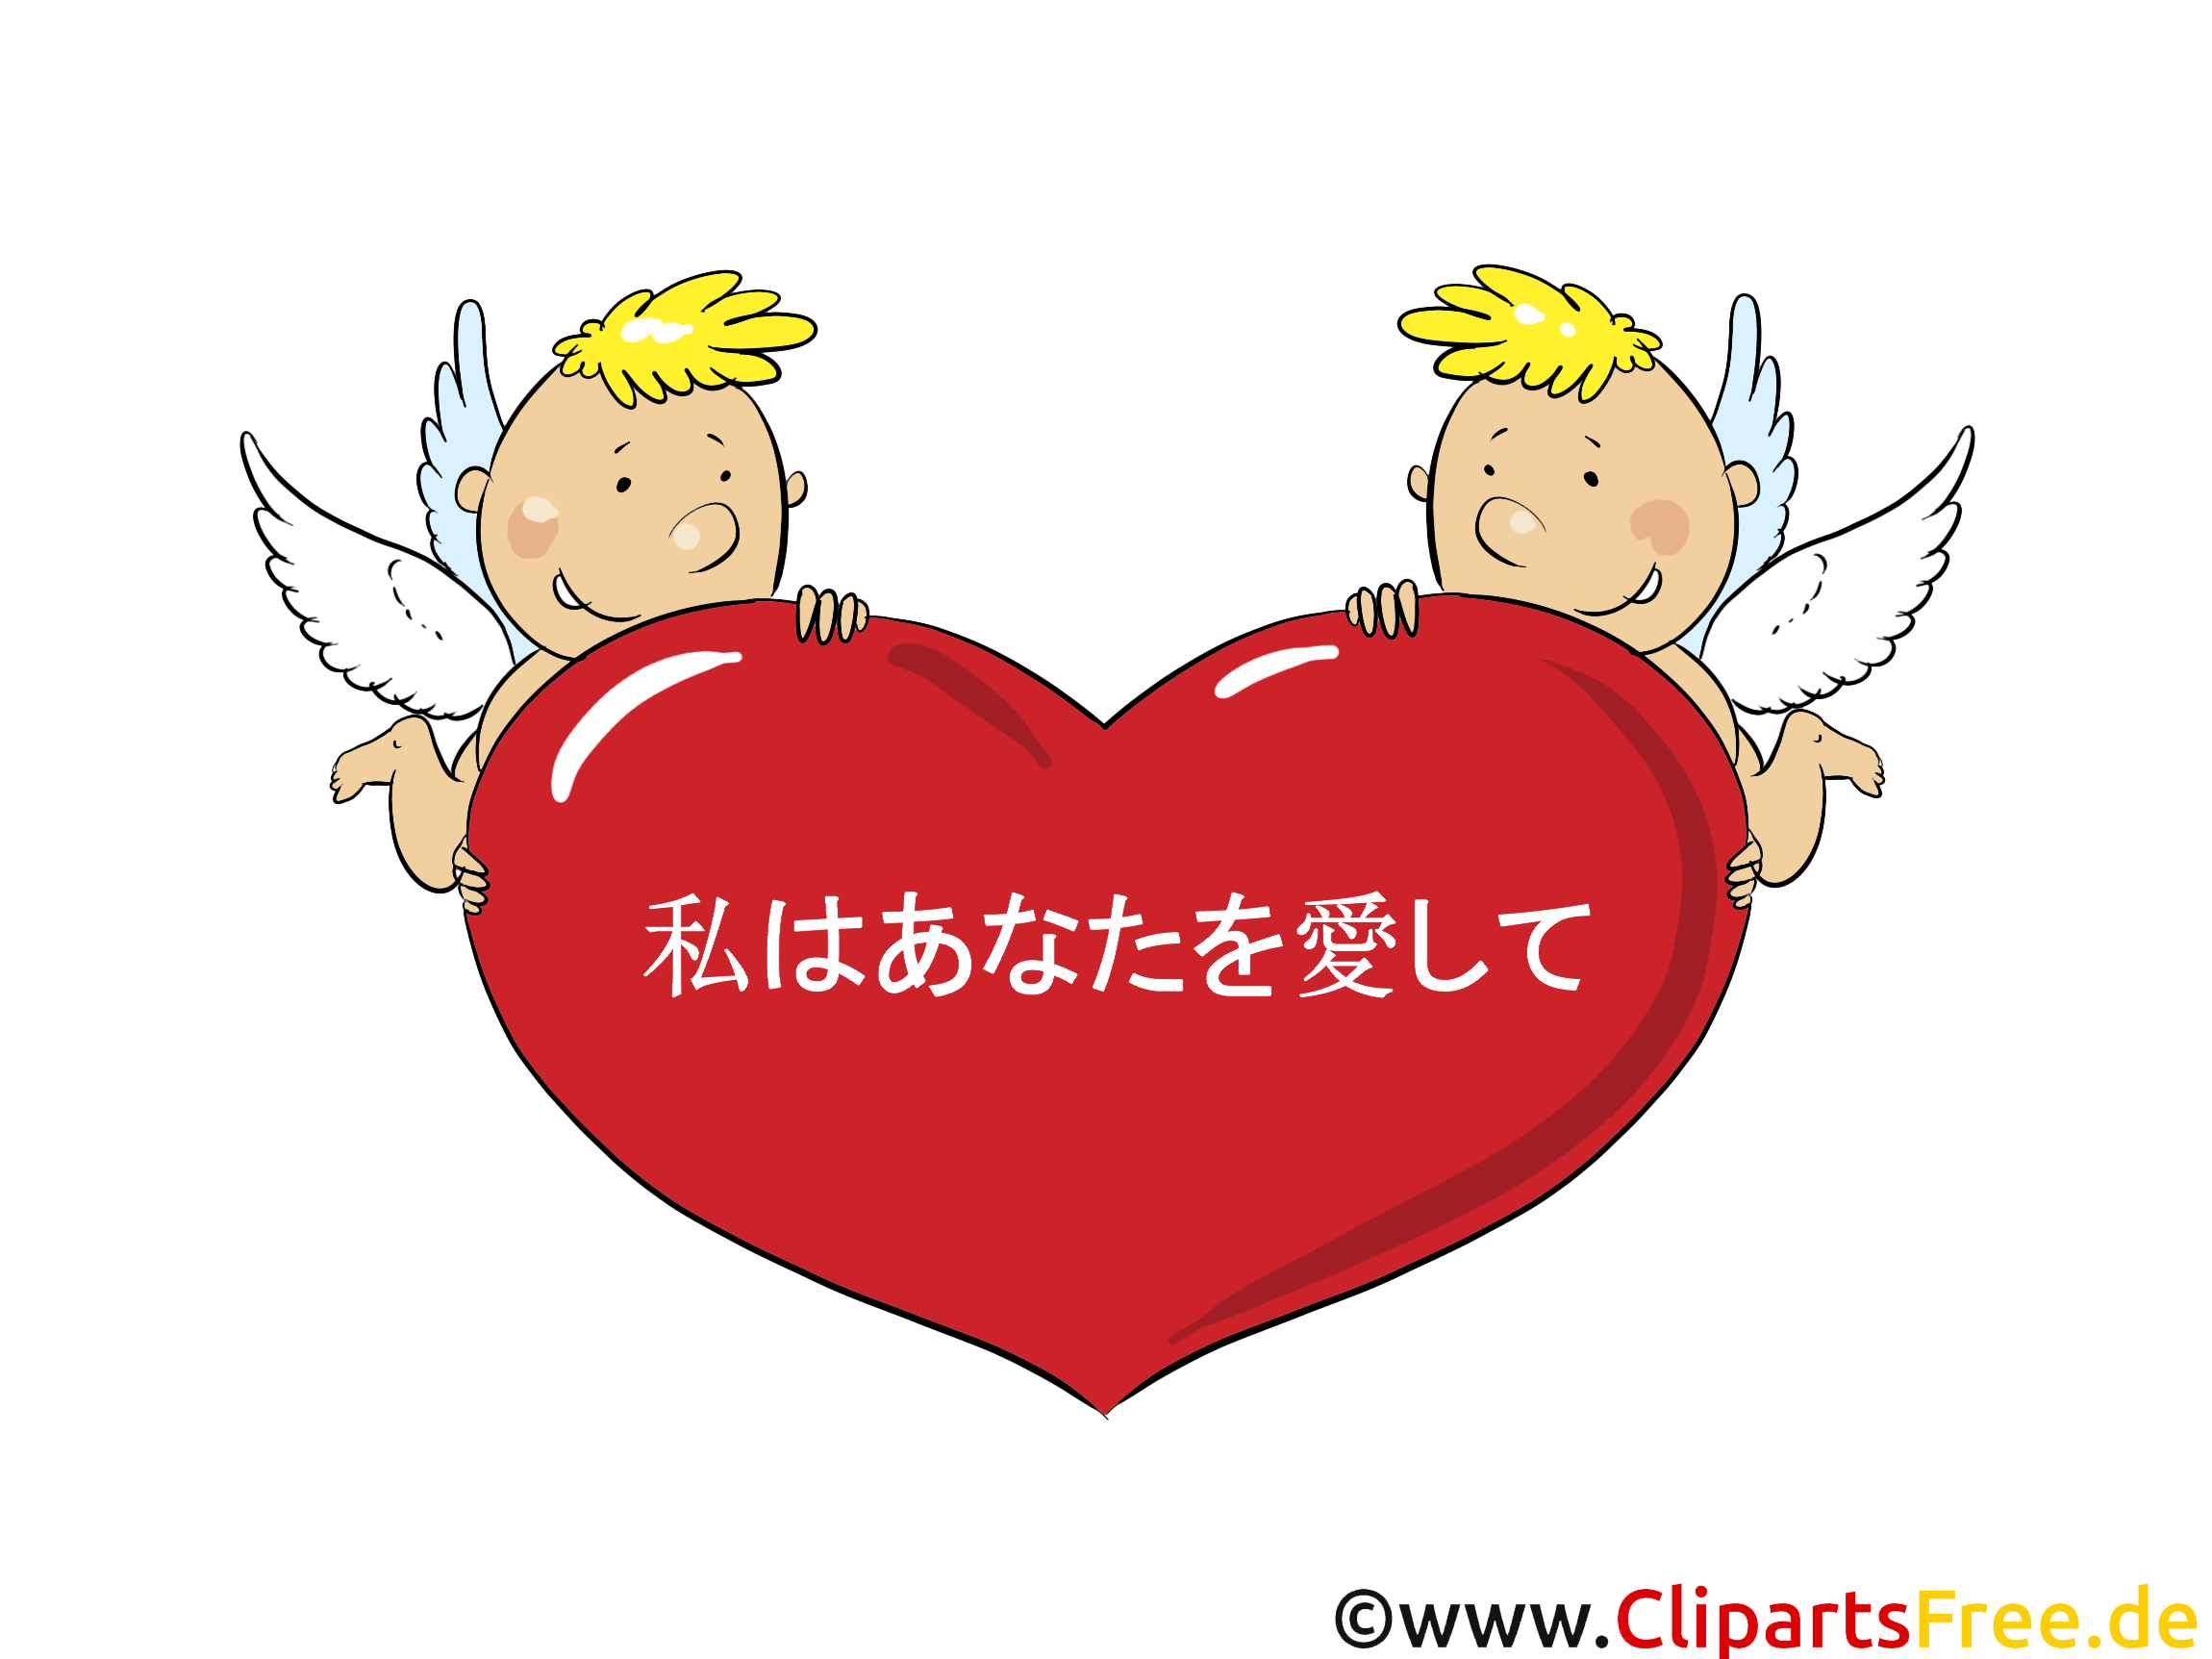 ich liebe dich auf japanisch liebeskarte liebeserkl rung liebesspr che. Black Bedroom Furniture Sets. Home Design Ideas